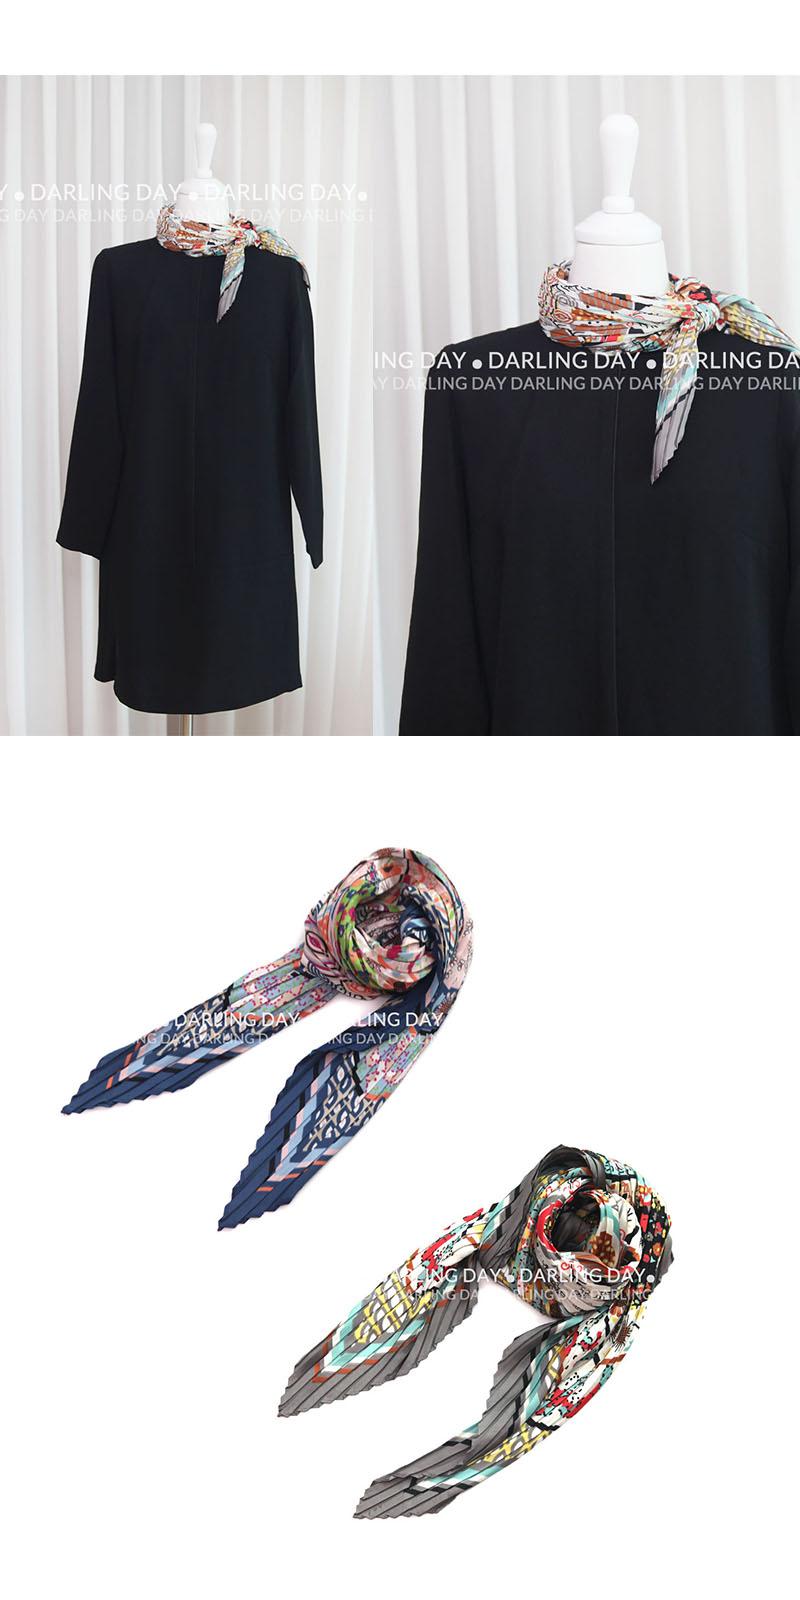 프렌치 가든 플리츠 스카프 (2 colors) - 달링데이, 18,000원, 스카프, 쁘띠 스카프